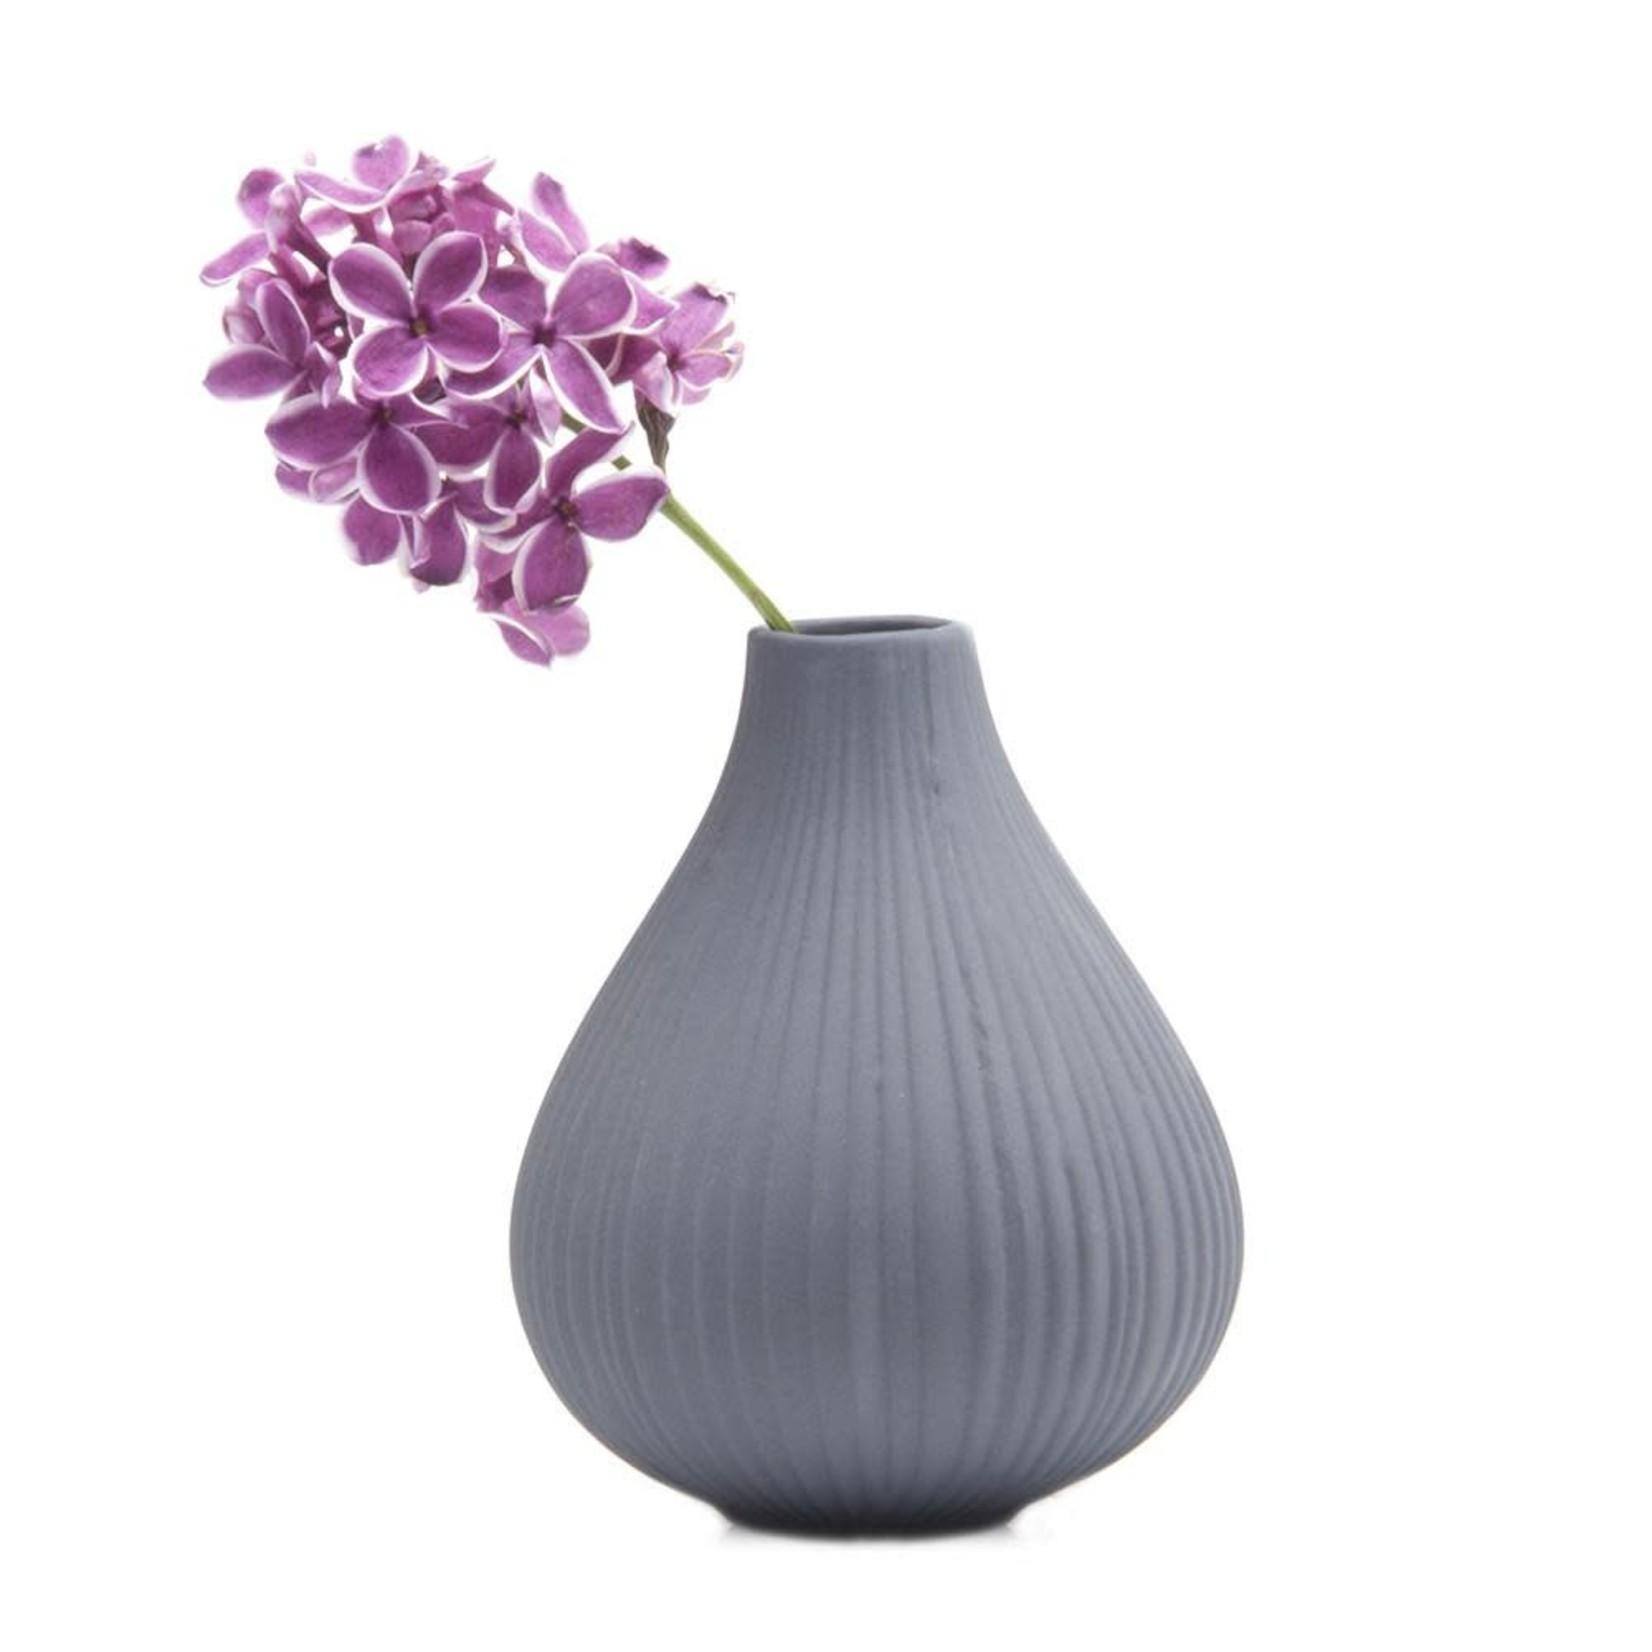 Chive Frost Vase in Grey